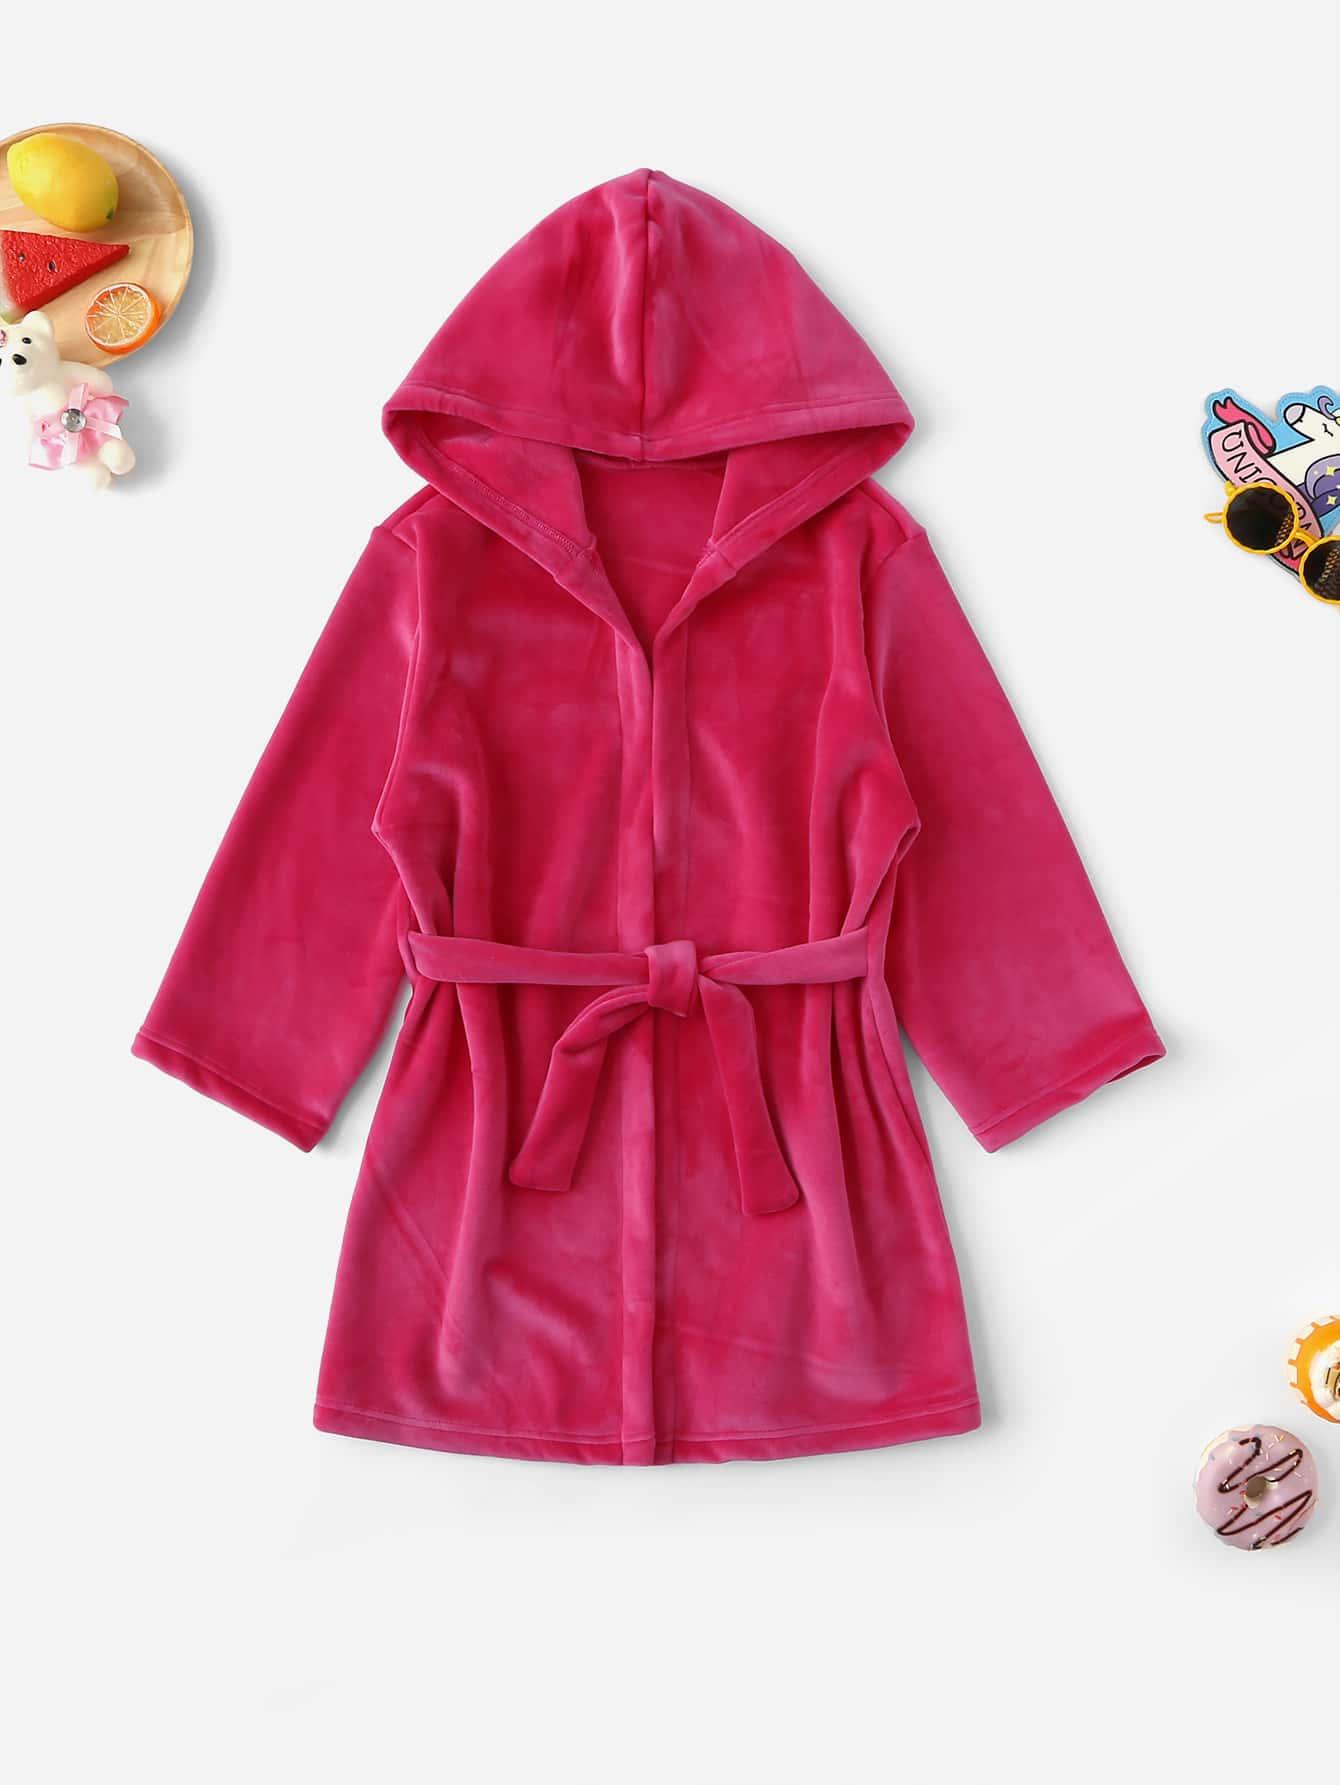 Купить Пушистый домашний халат с капюшоном и поясом для девочек, null, SheIn